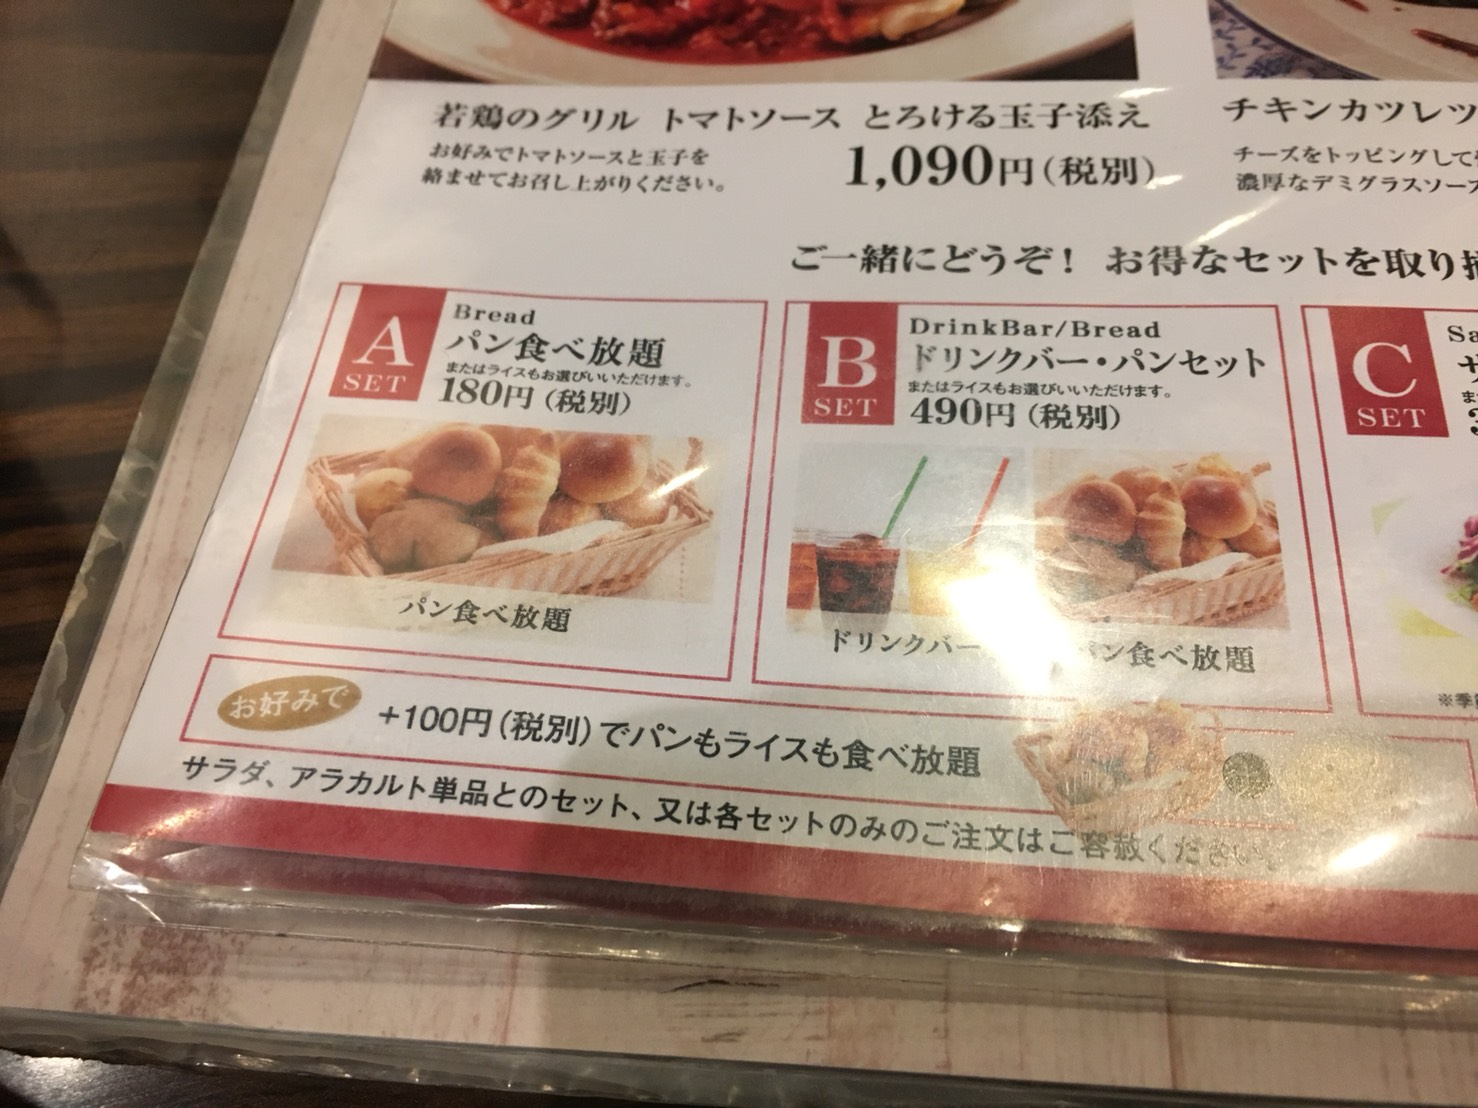 【池袋駅】自家製パン食べ放題とグリルで満腹「ビストロ309」のセットメニュー1